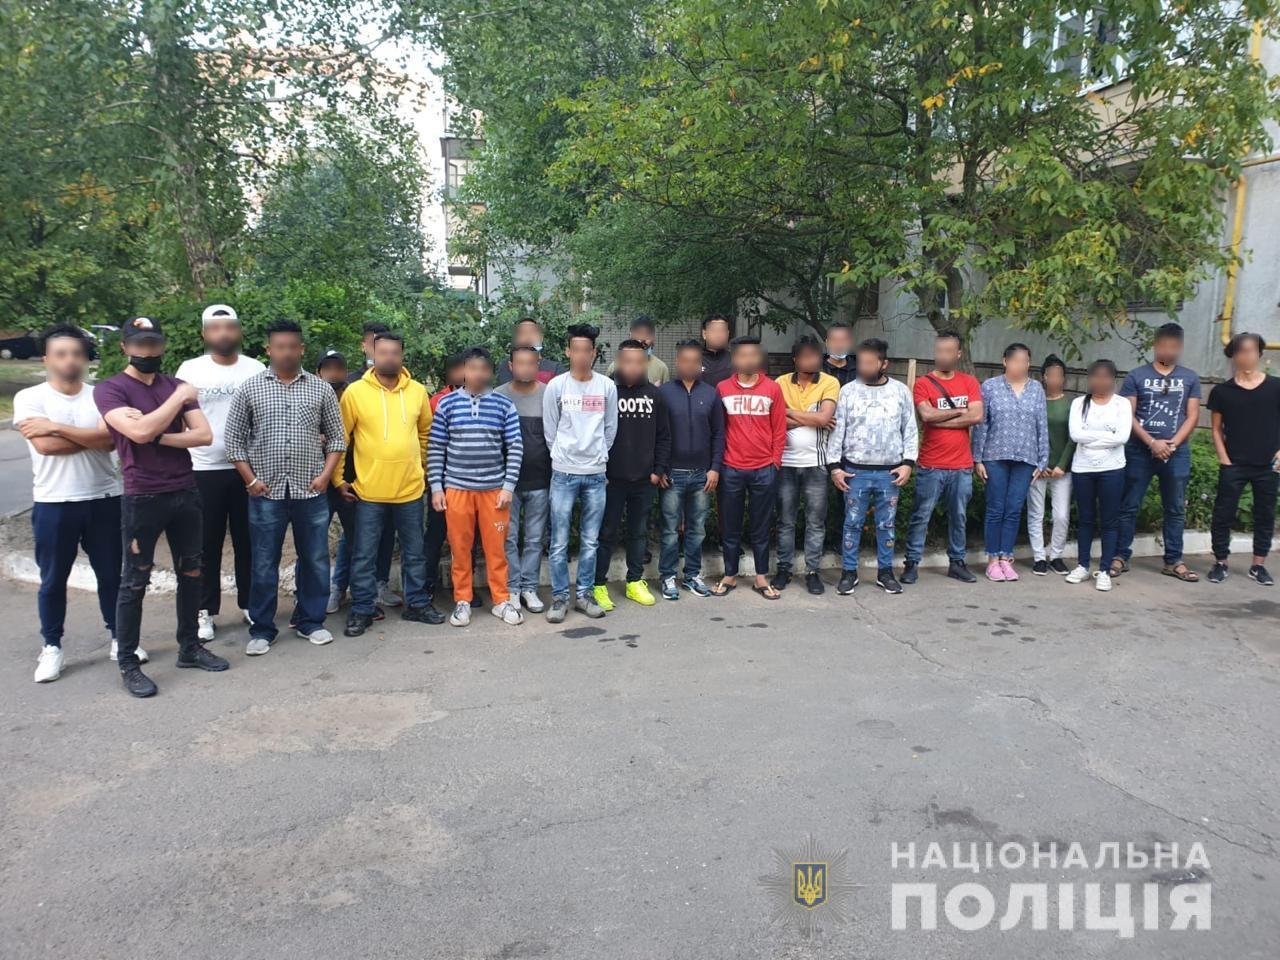 У гуртожитку білоцерківського вишу виявили 26 нелегалів - поліція Київщини, нелегали - Nelegaly1